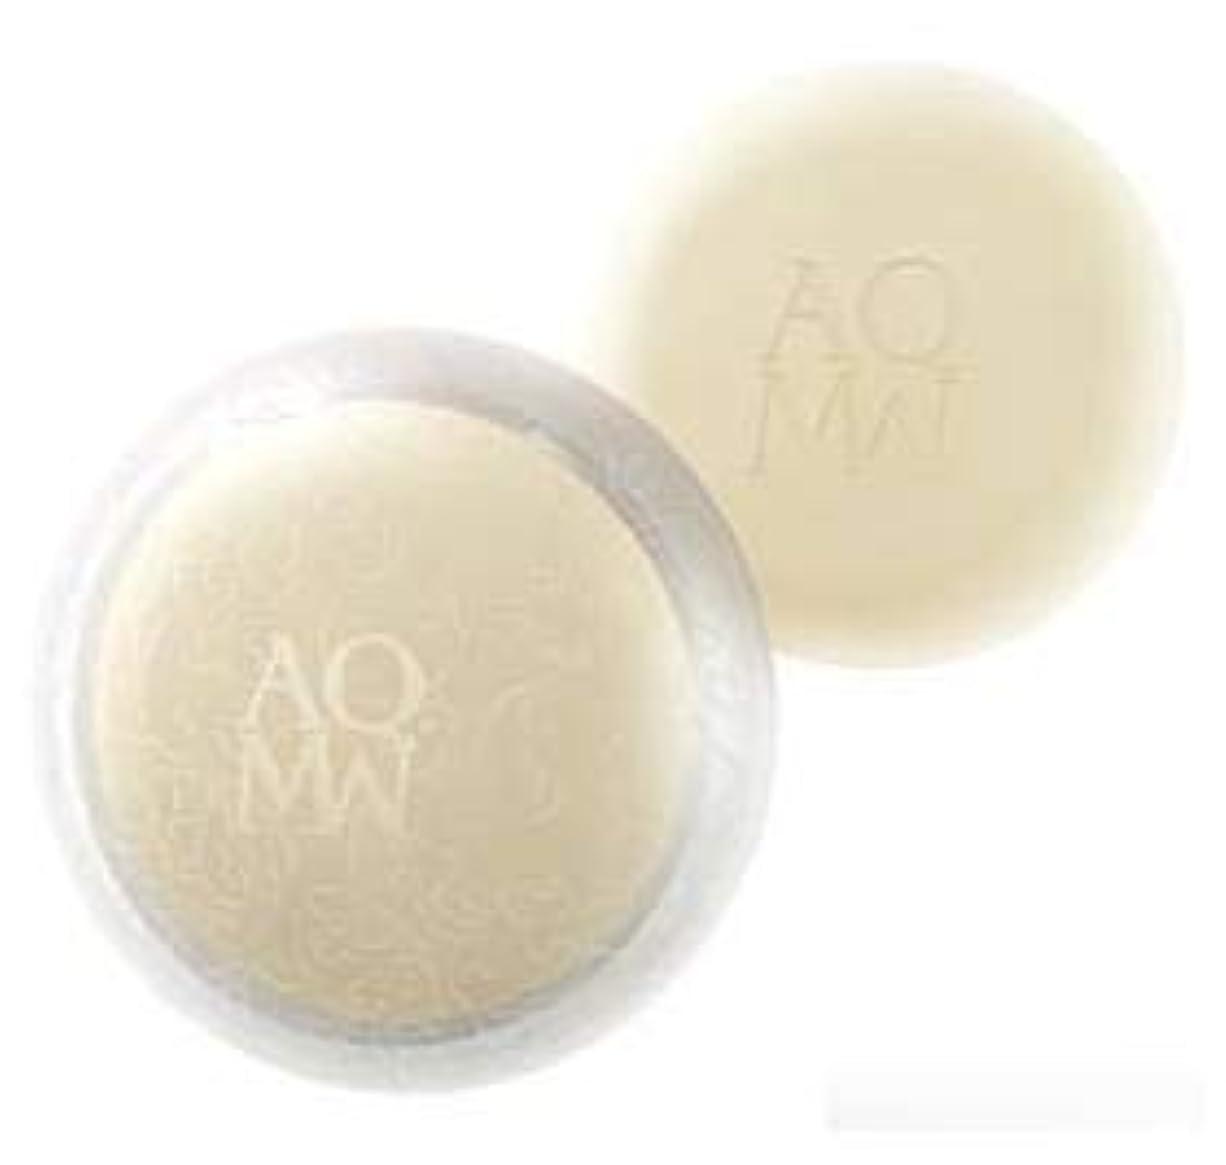 馬鹿げたアラブ胆嚢コスメデコルテ AQ MW フェイシャルバー(レフィル)(標準重量100g)